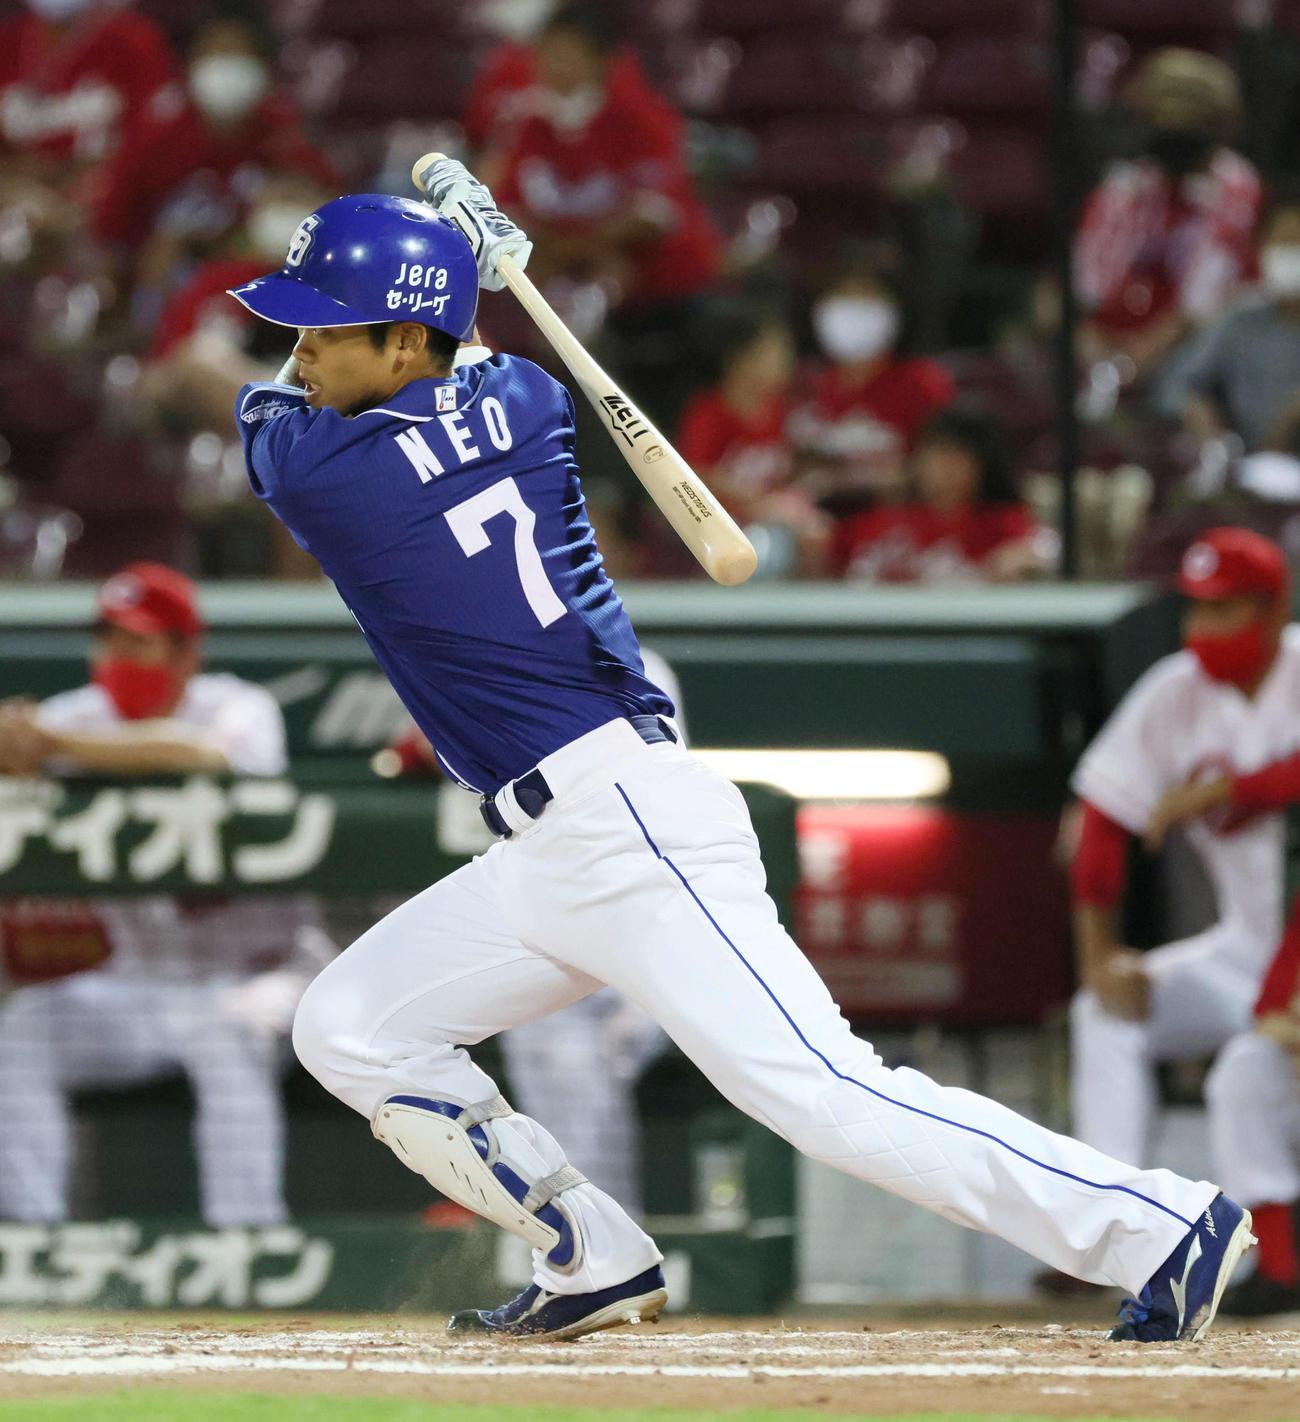 広島対中日 9回表中日無死一塁、根尾はプロ初安打となる右前打を放つ(撮影・加藤孝規)